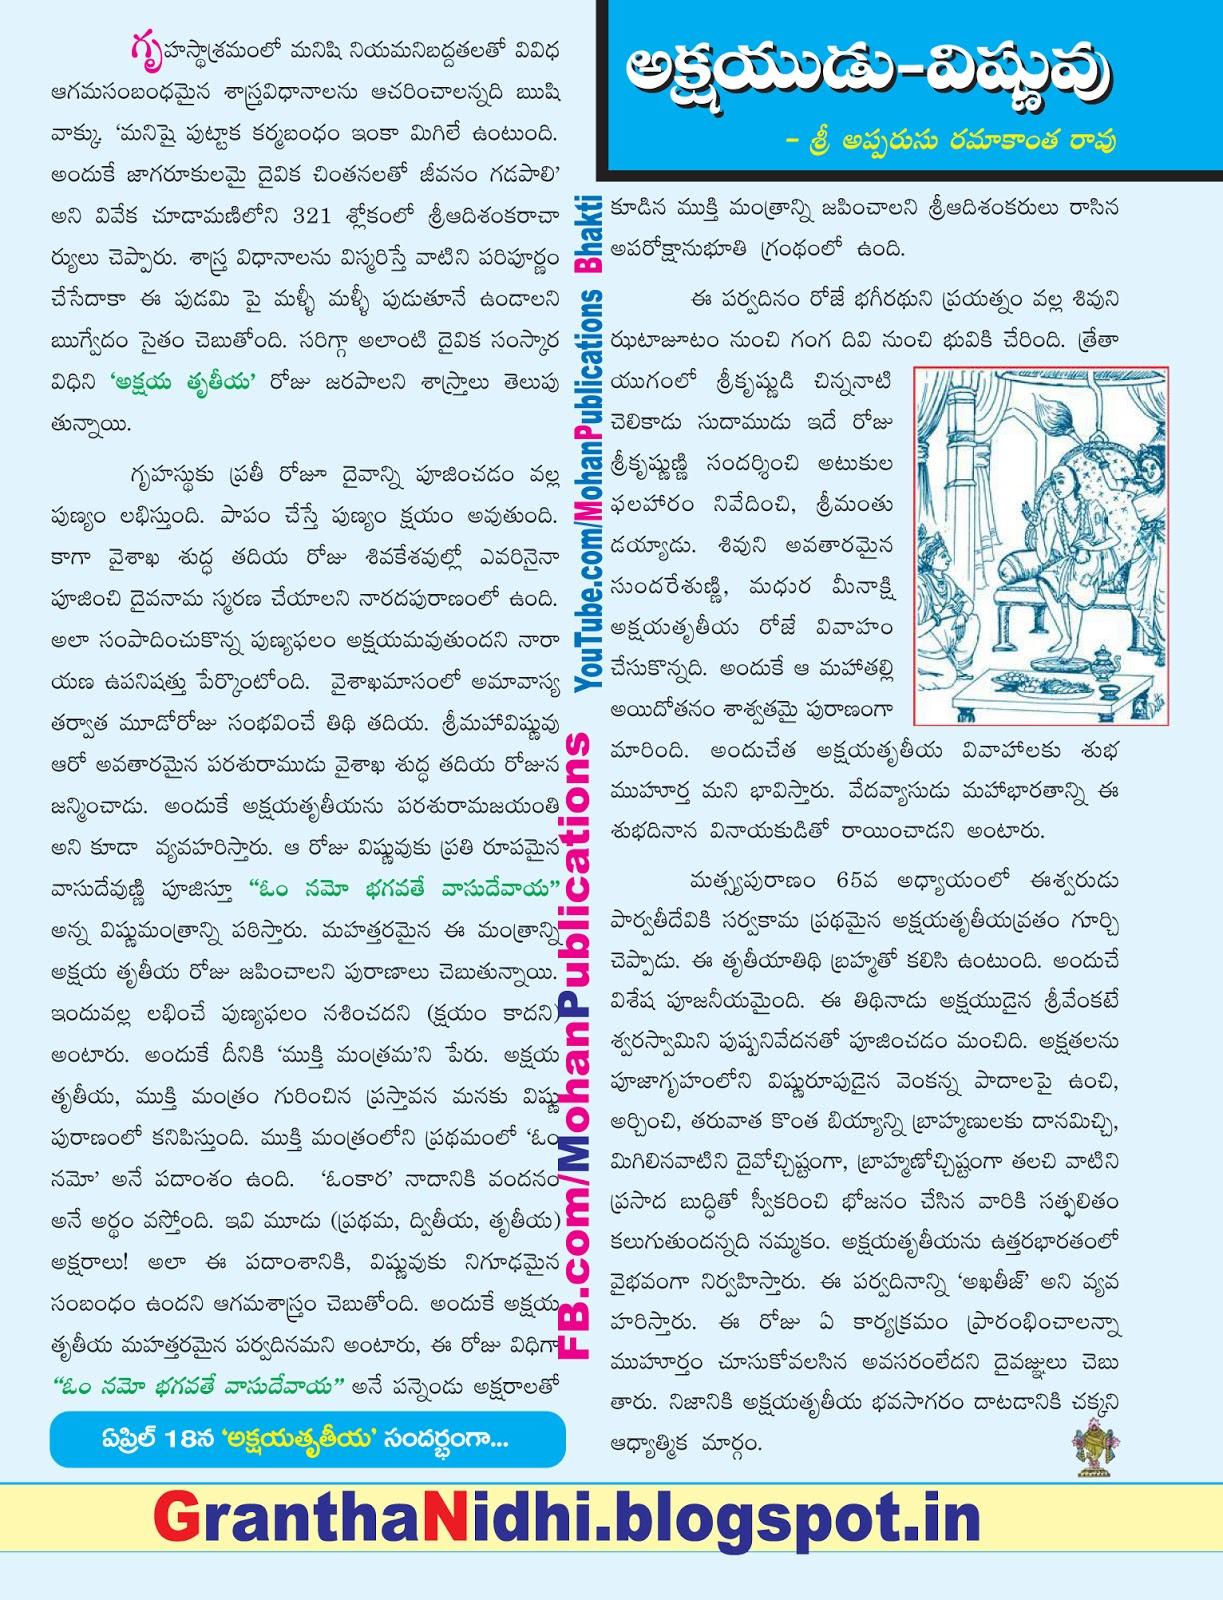 అక్షయుడు విష్ణువు Akshyudu Vishnuvu Akshyatrithiya Lord vishnu Gold rush in akshyatrithiya Gold Silver TTD TTD Ebooks Sapthagiri TTD Magazine Saptagiri Ebooks Tirumala Bhakthi Pustakalu Bhakti Pustakalu BhakthiPustakalu BhaktiPustakalu